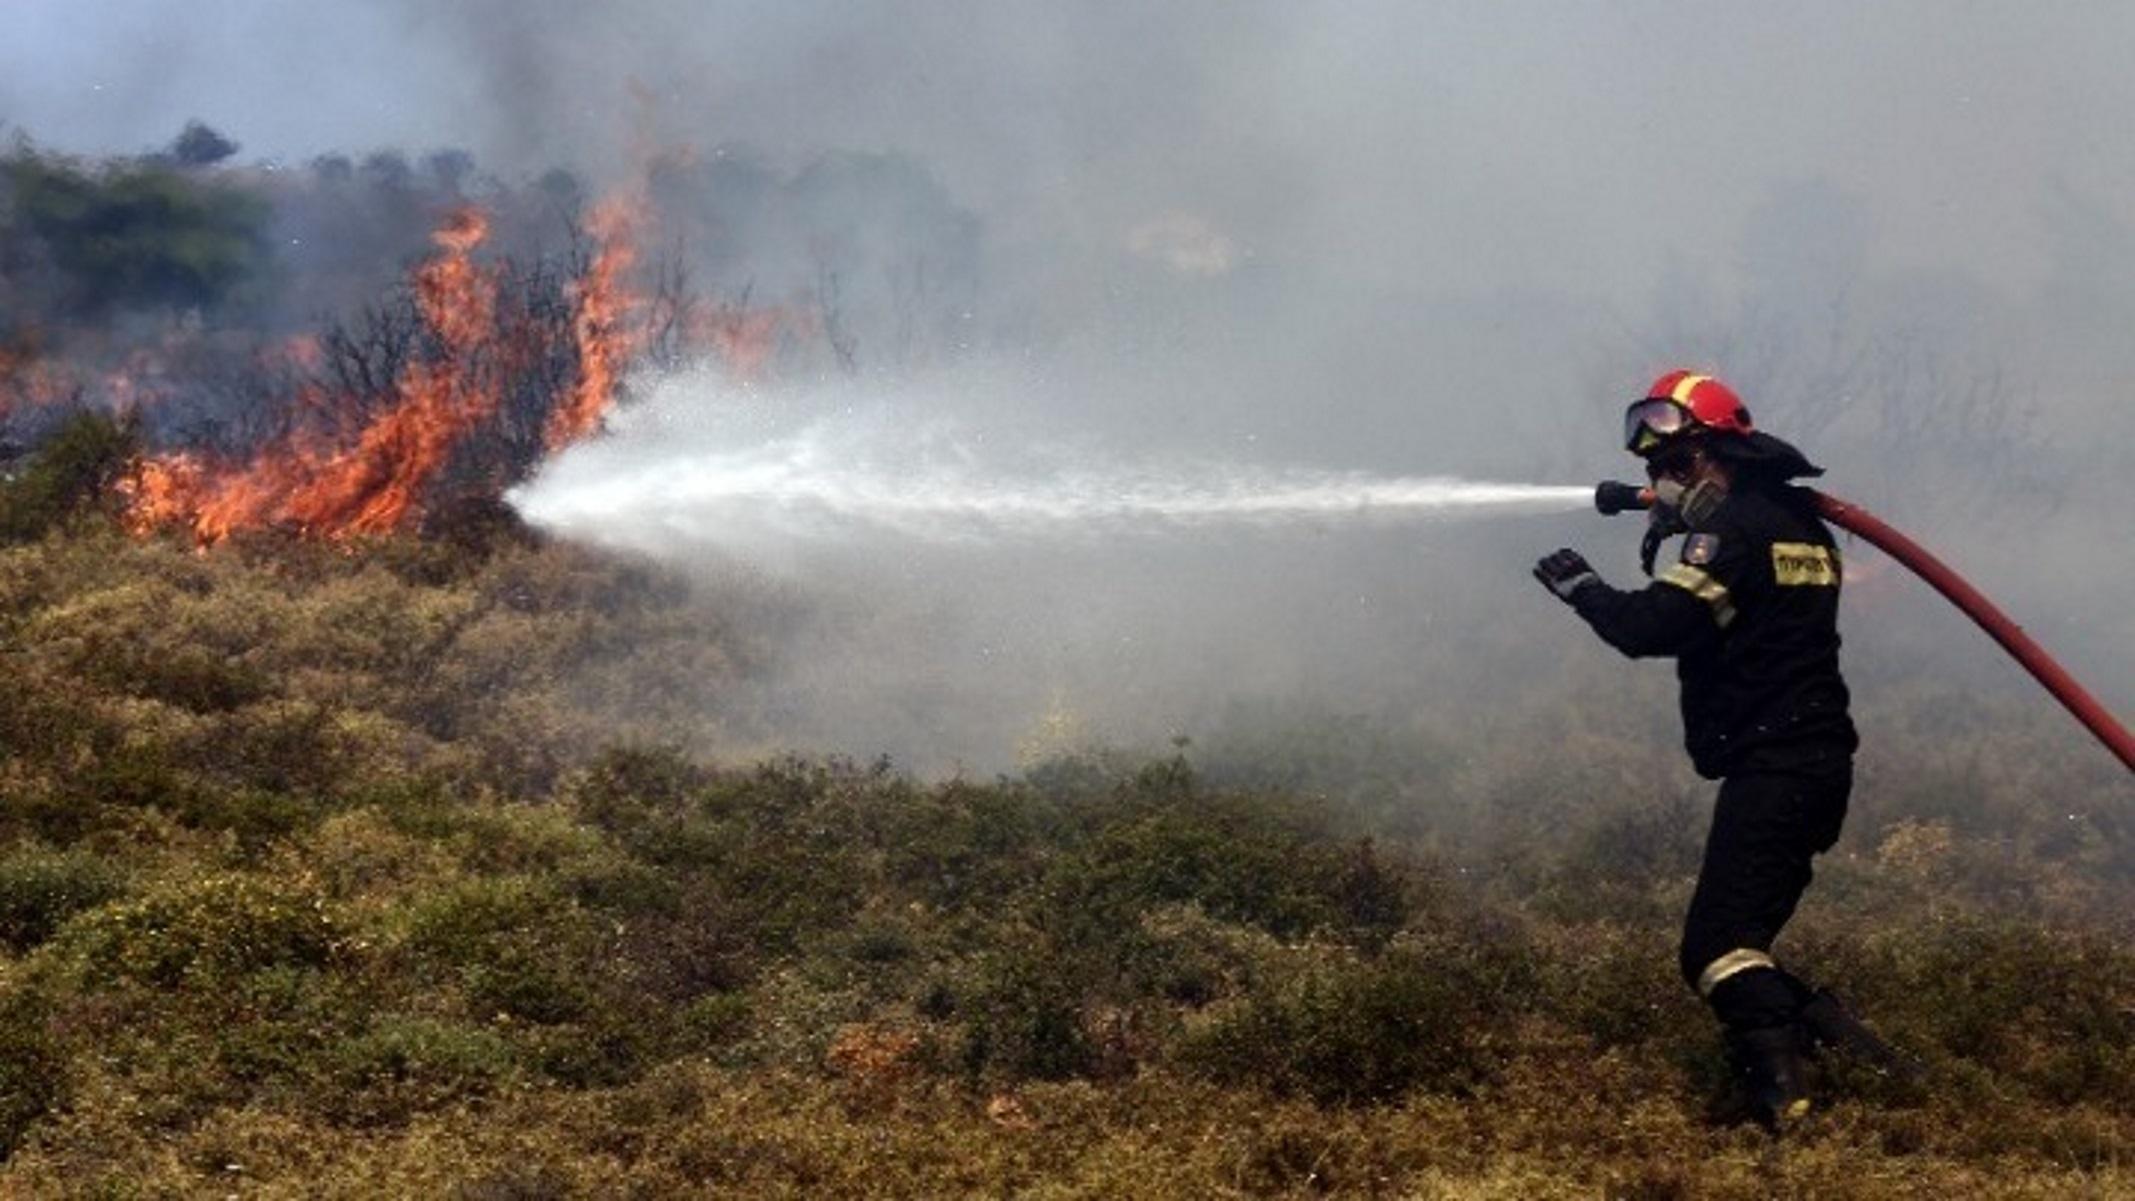 Σε ποιες περιοχές θα είναι πολύ υψηλός ο κίνδυνος πυρκαγιάς αύριο